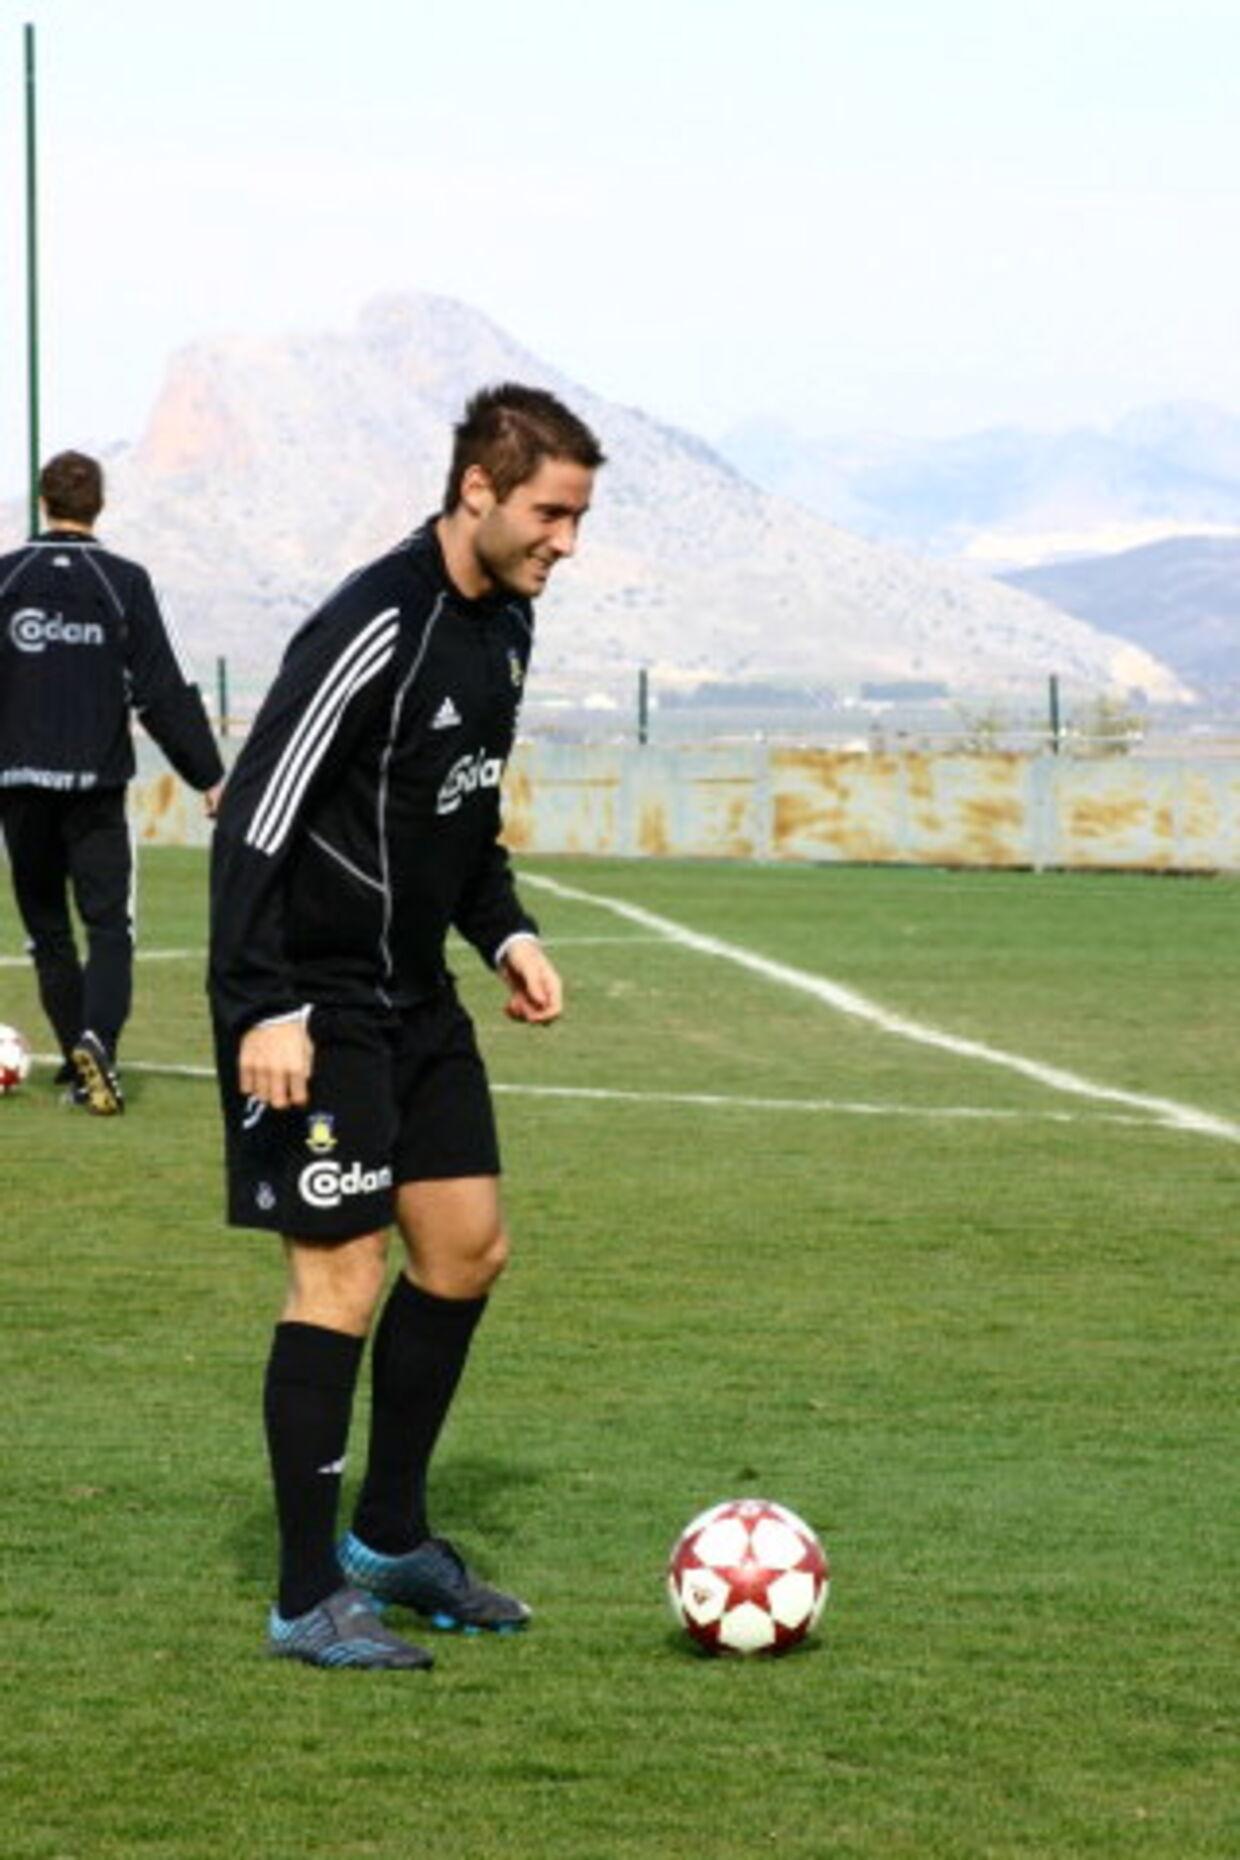 BONUS: Både Martin Retov - som her leger med bolden i Malaga - og Thomas Kahlenberg vil gerne prøve sig af i udlandet. Men først skal mesterskabet i hus til Brøndby. Foto: Enrique Toro